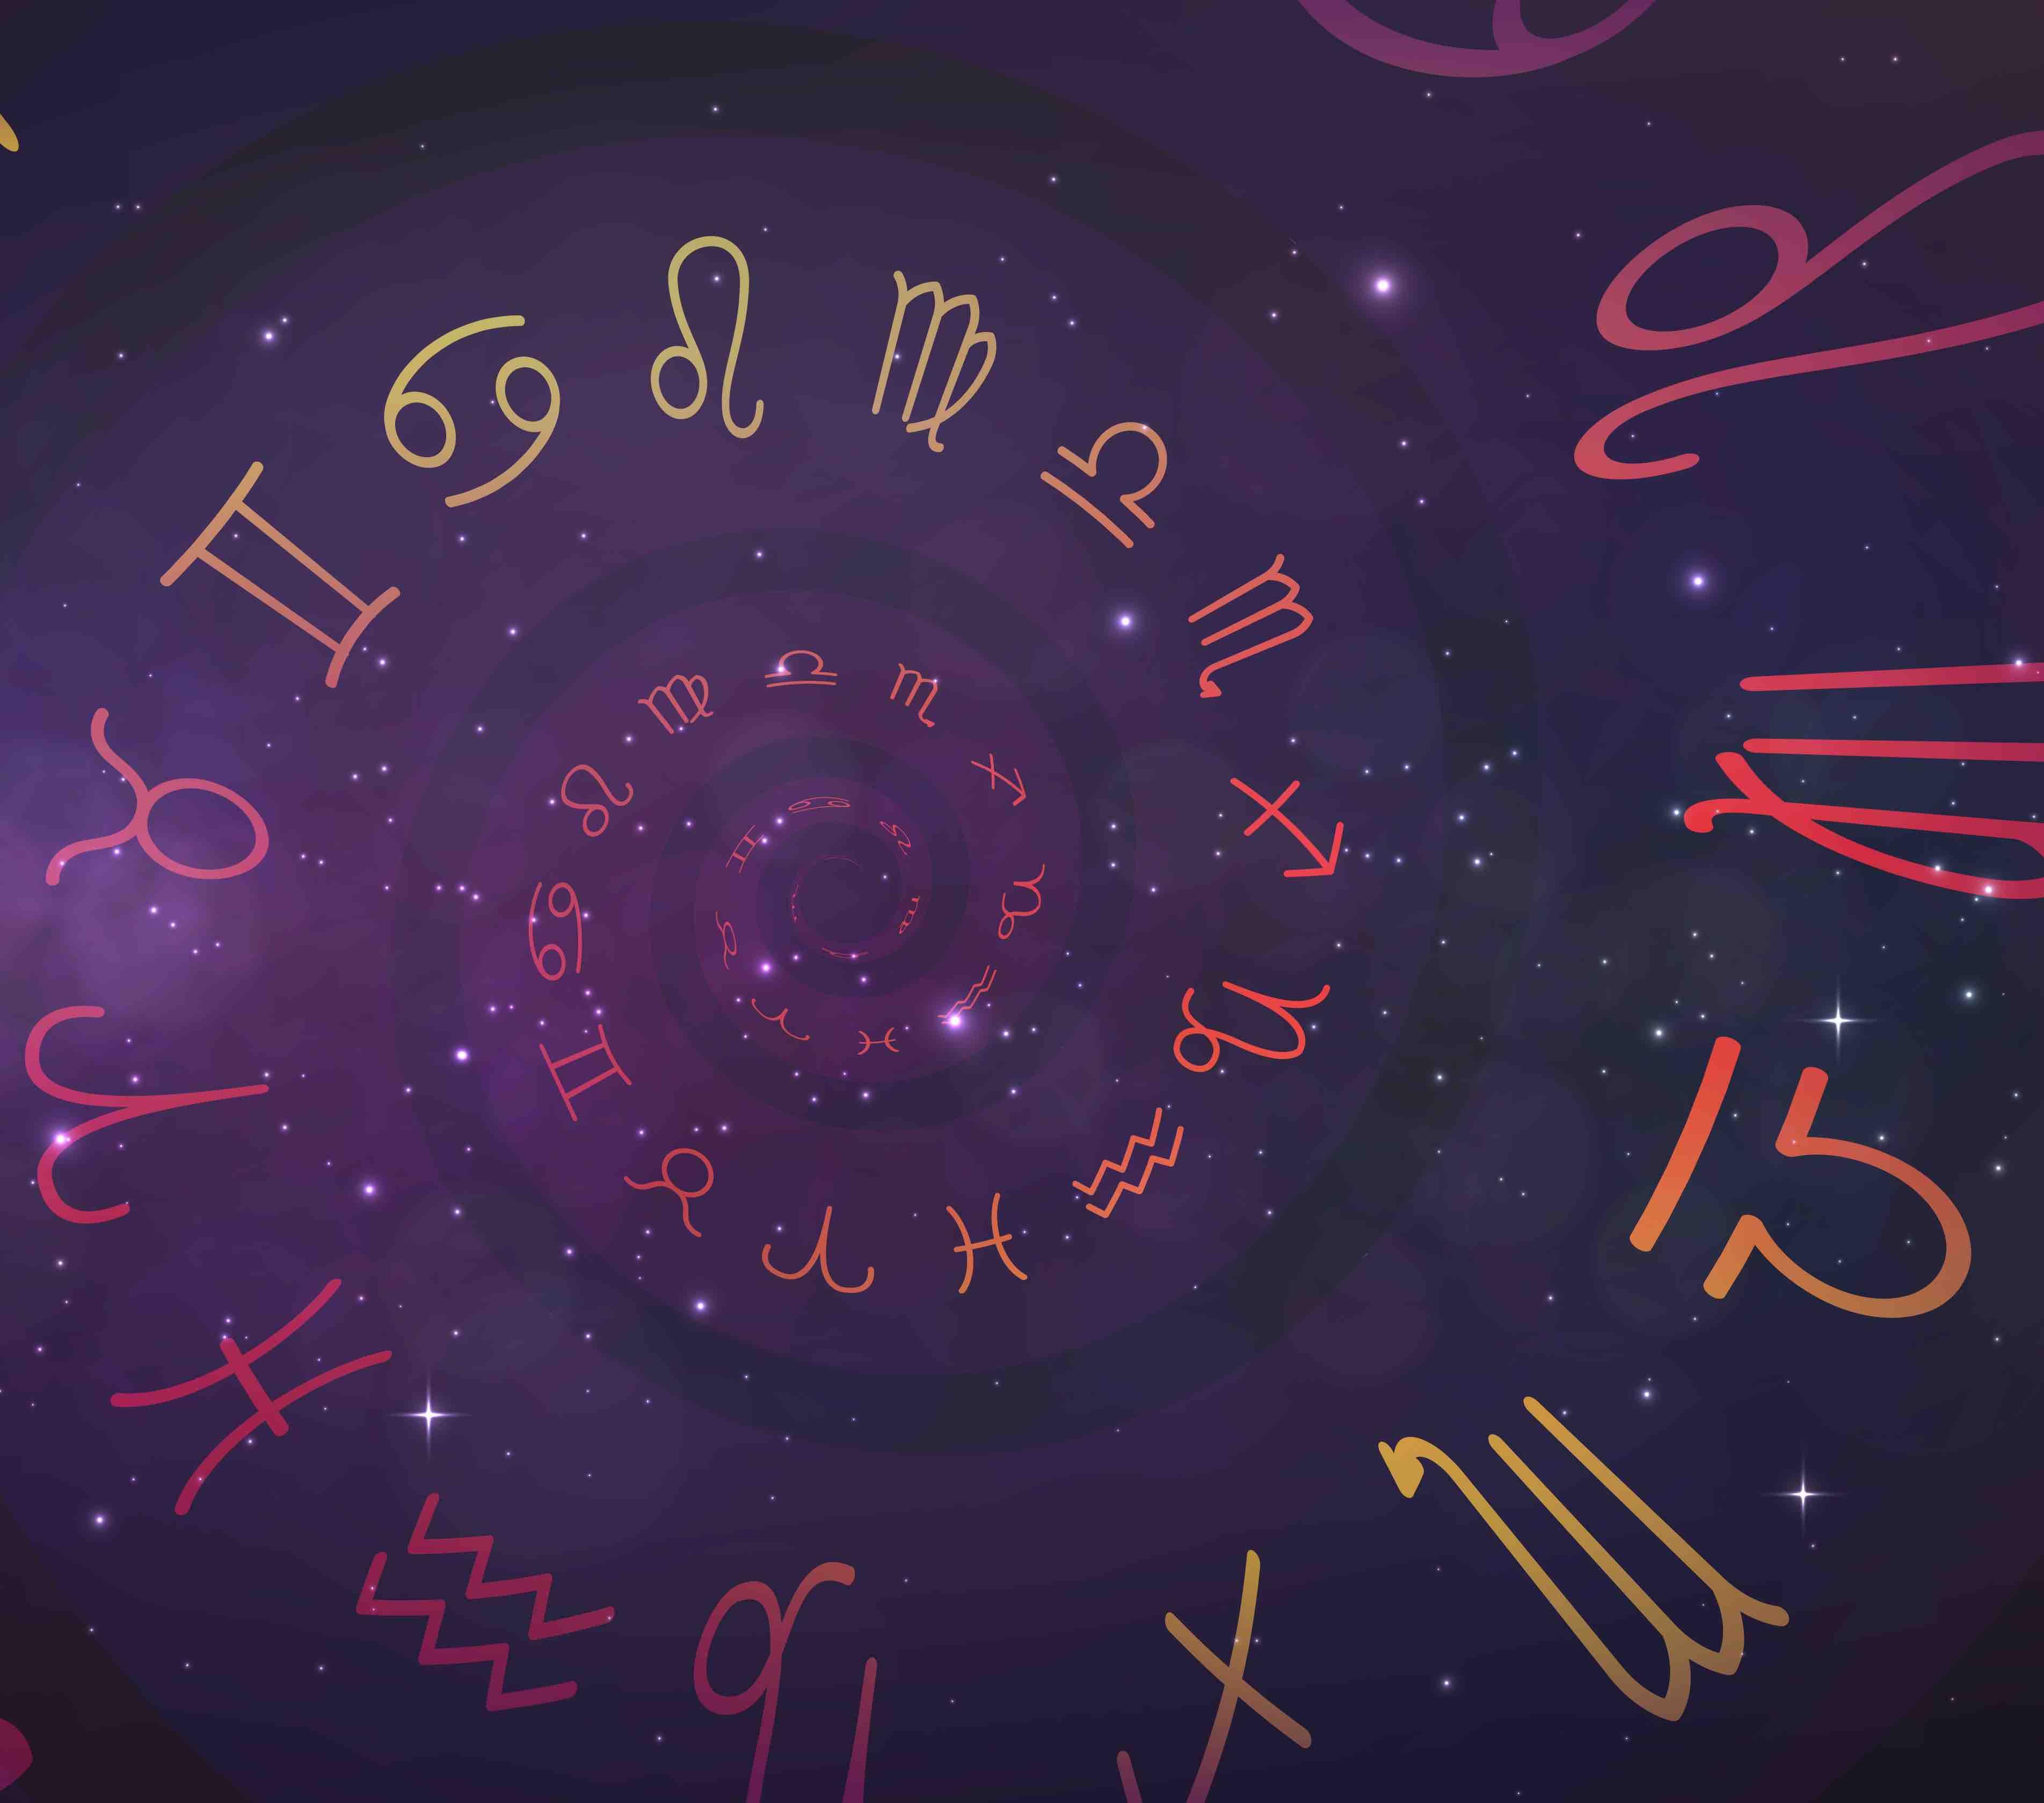 sukcesy i przestrogi tygodnia, zodiak